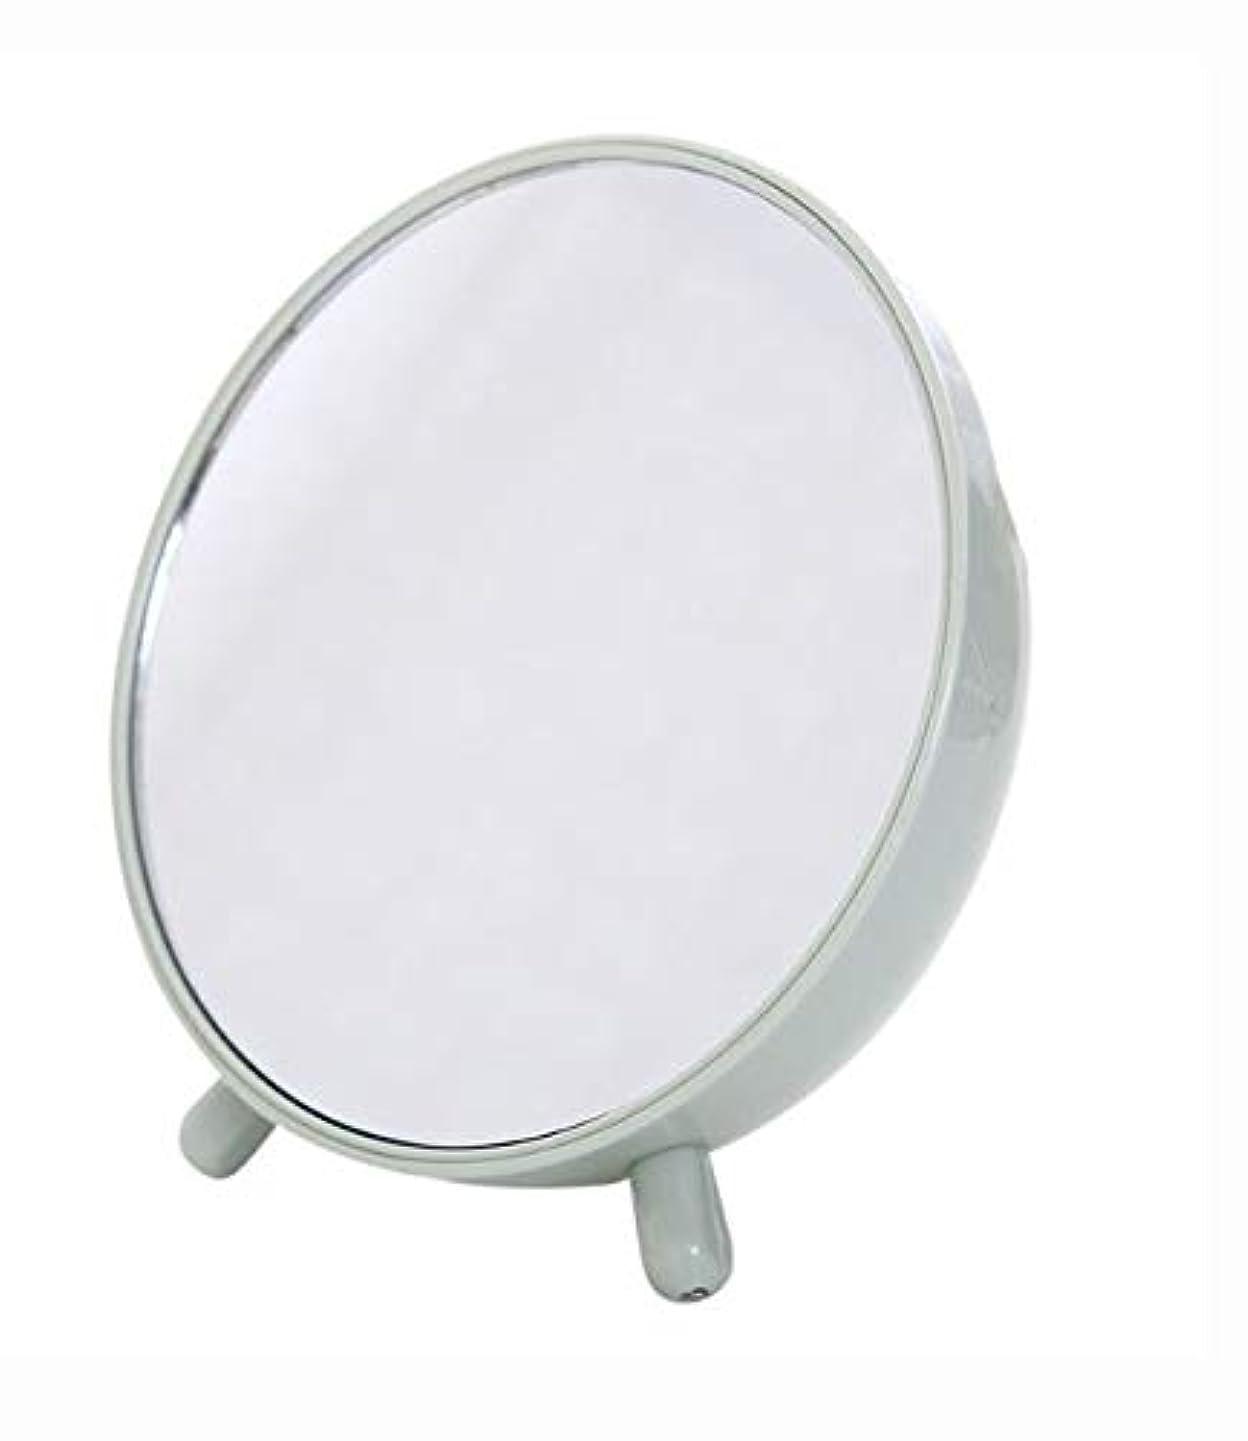 私達膨らみ分配しますShiMin 化粧鏡、収納箱の化粧品のギフトが付いている緑の簡単な円形のテーブルの化粧鏡